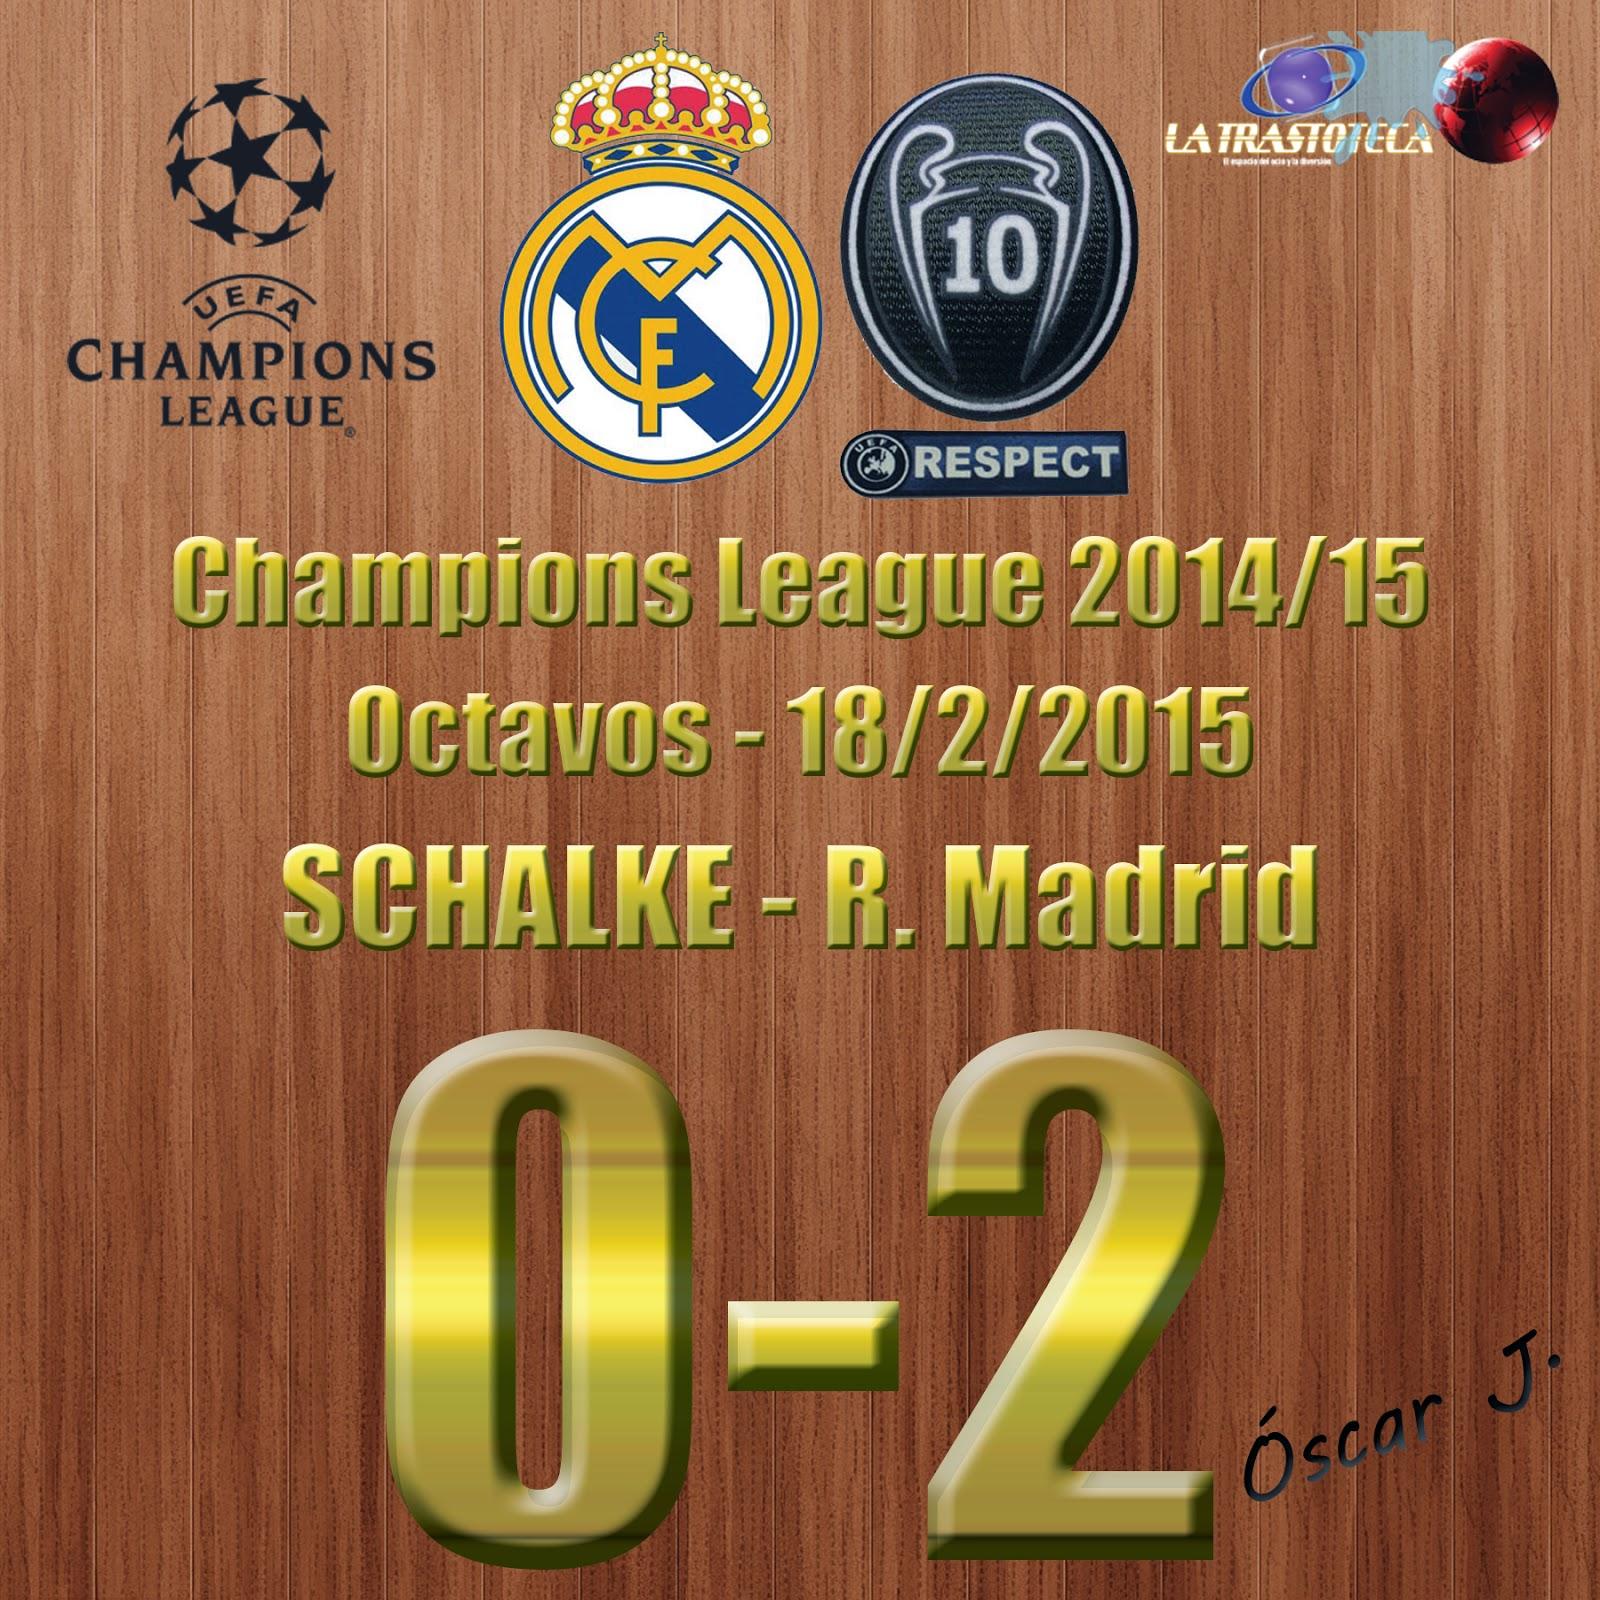 Cristiano Ronaldo (0-1) - Shalke 04 0-2 Real Madrid - Champions League 2014/15 - Octavos - (18/2/2014)